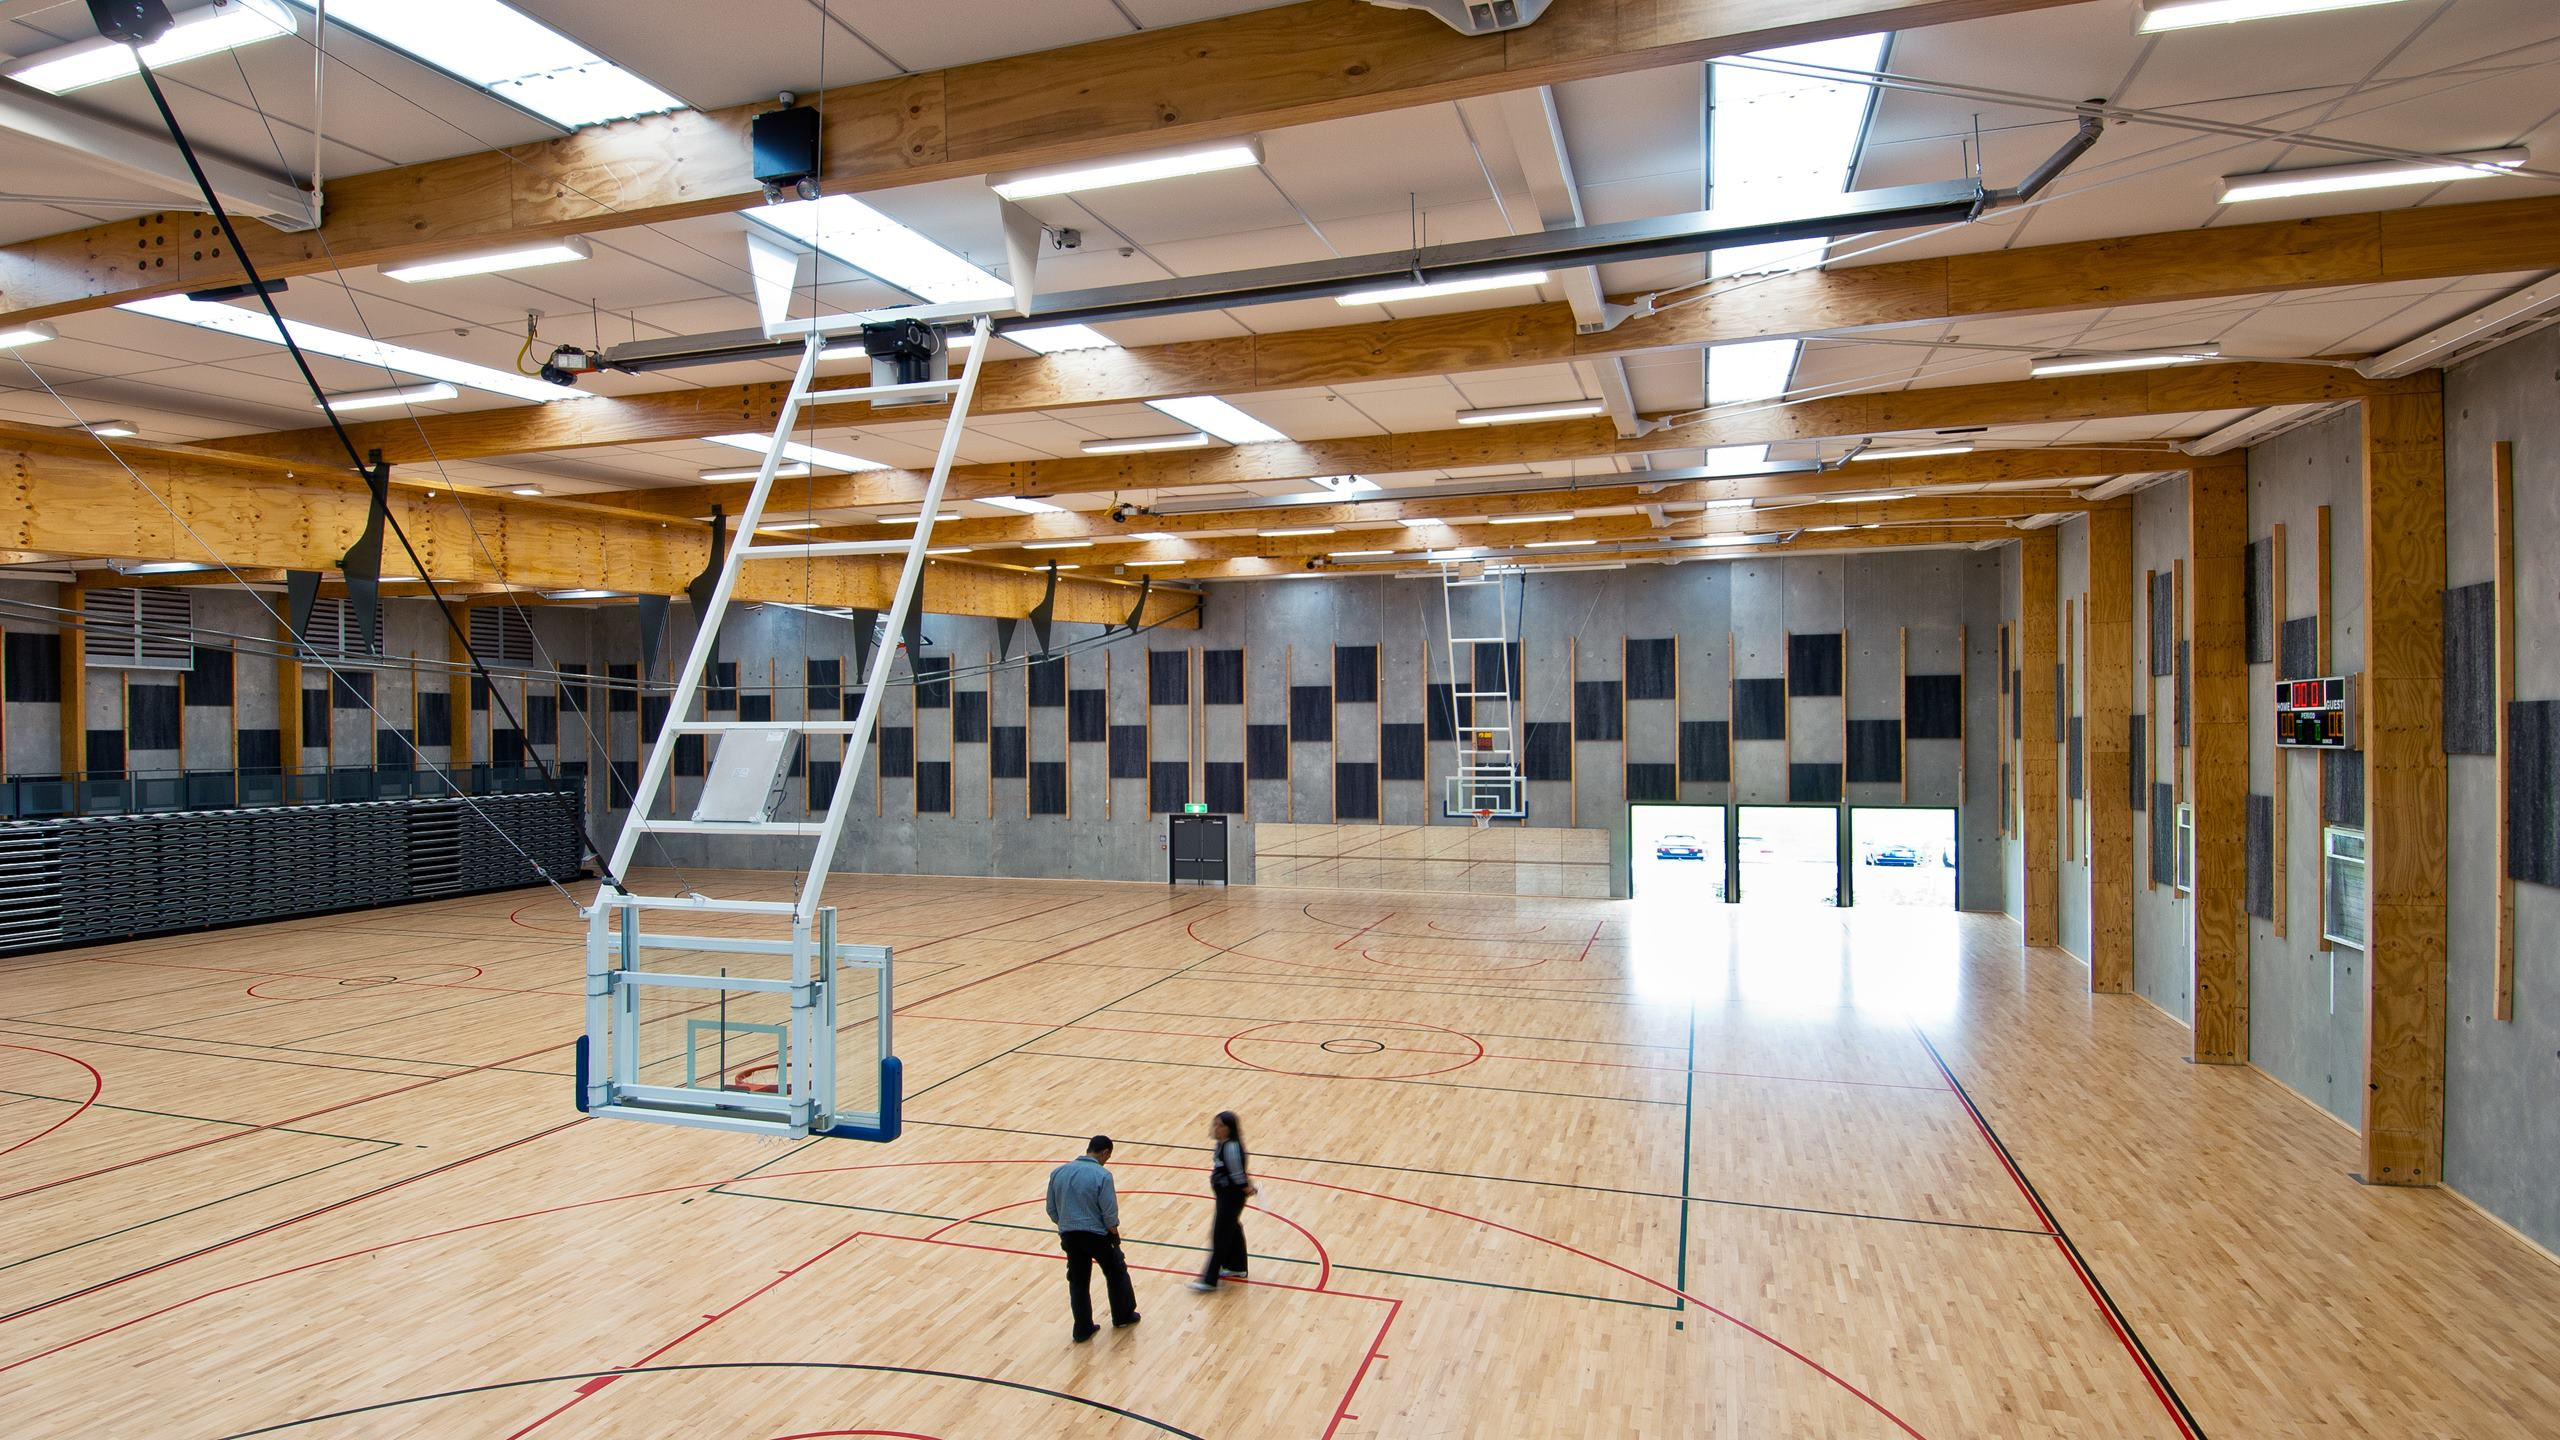 Nga Purapura Sports Centre - Over sized Triton 40 Sports panels